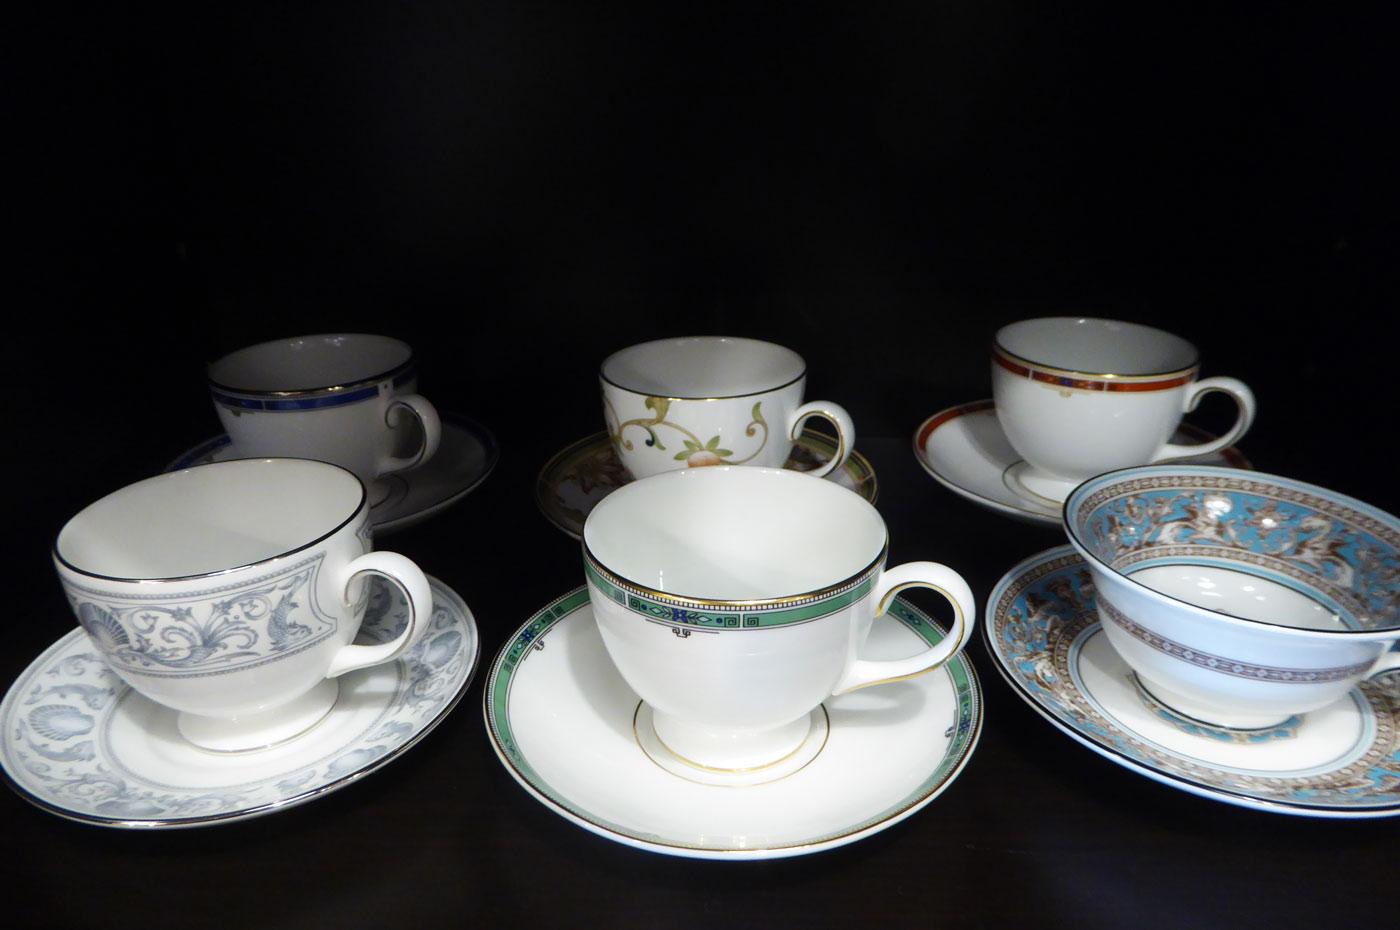 ロジェ ルージュのウェッジウッドのコーヒーカップ